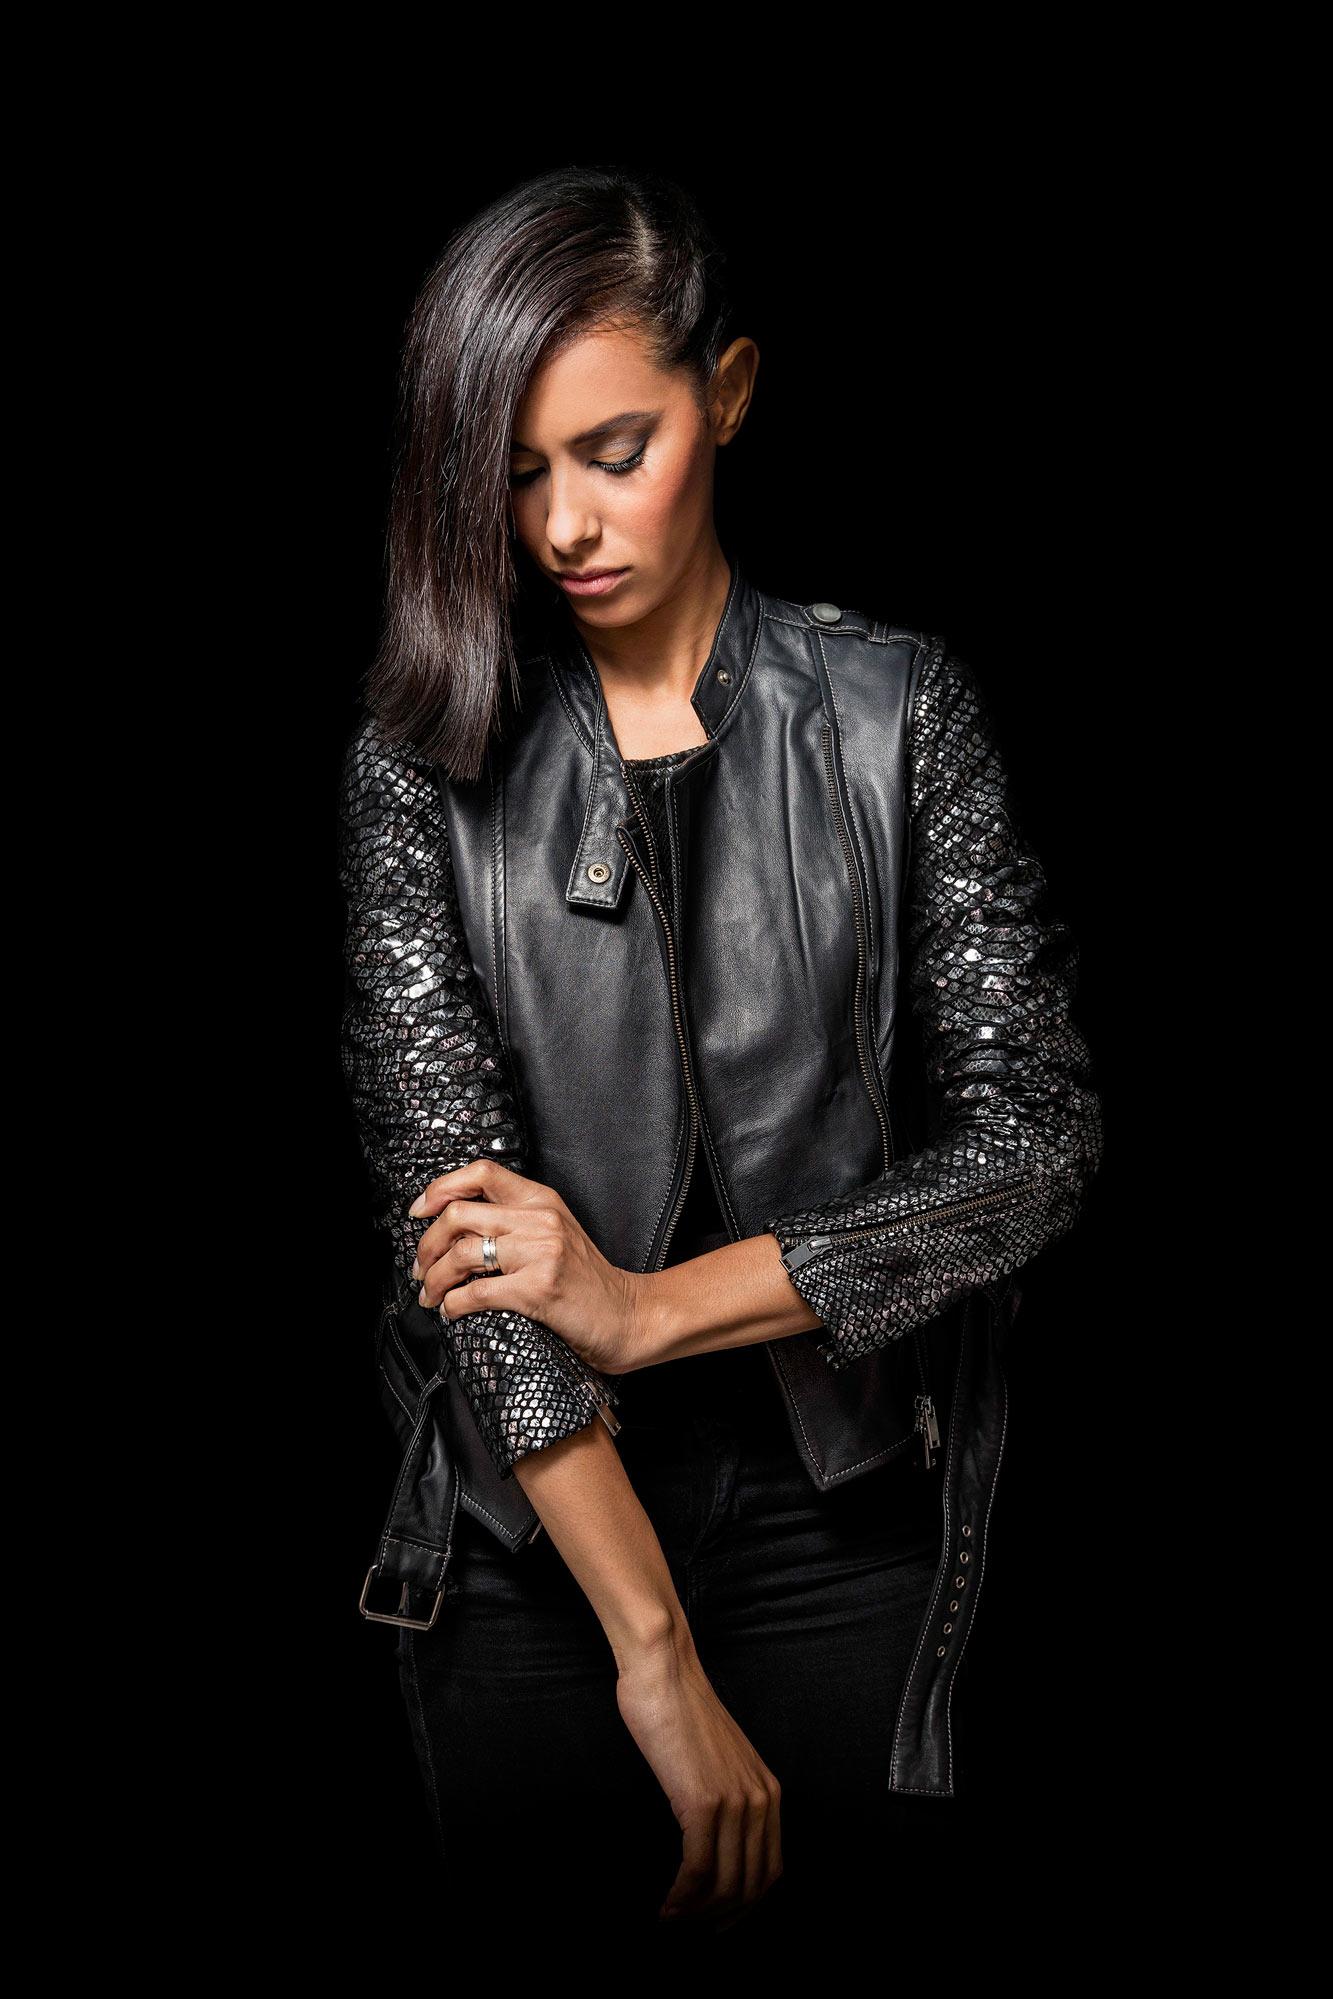 fotógrafo profesional de catálogo de moda zaragoza madrid